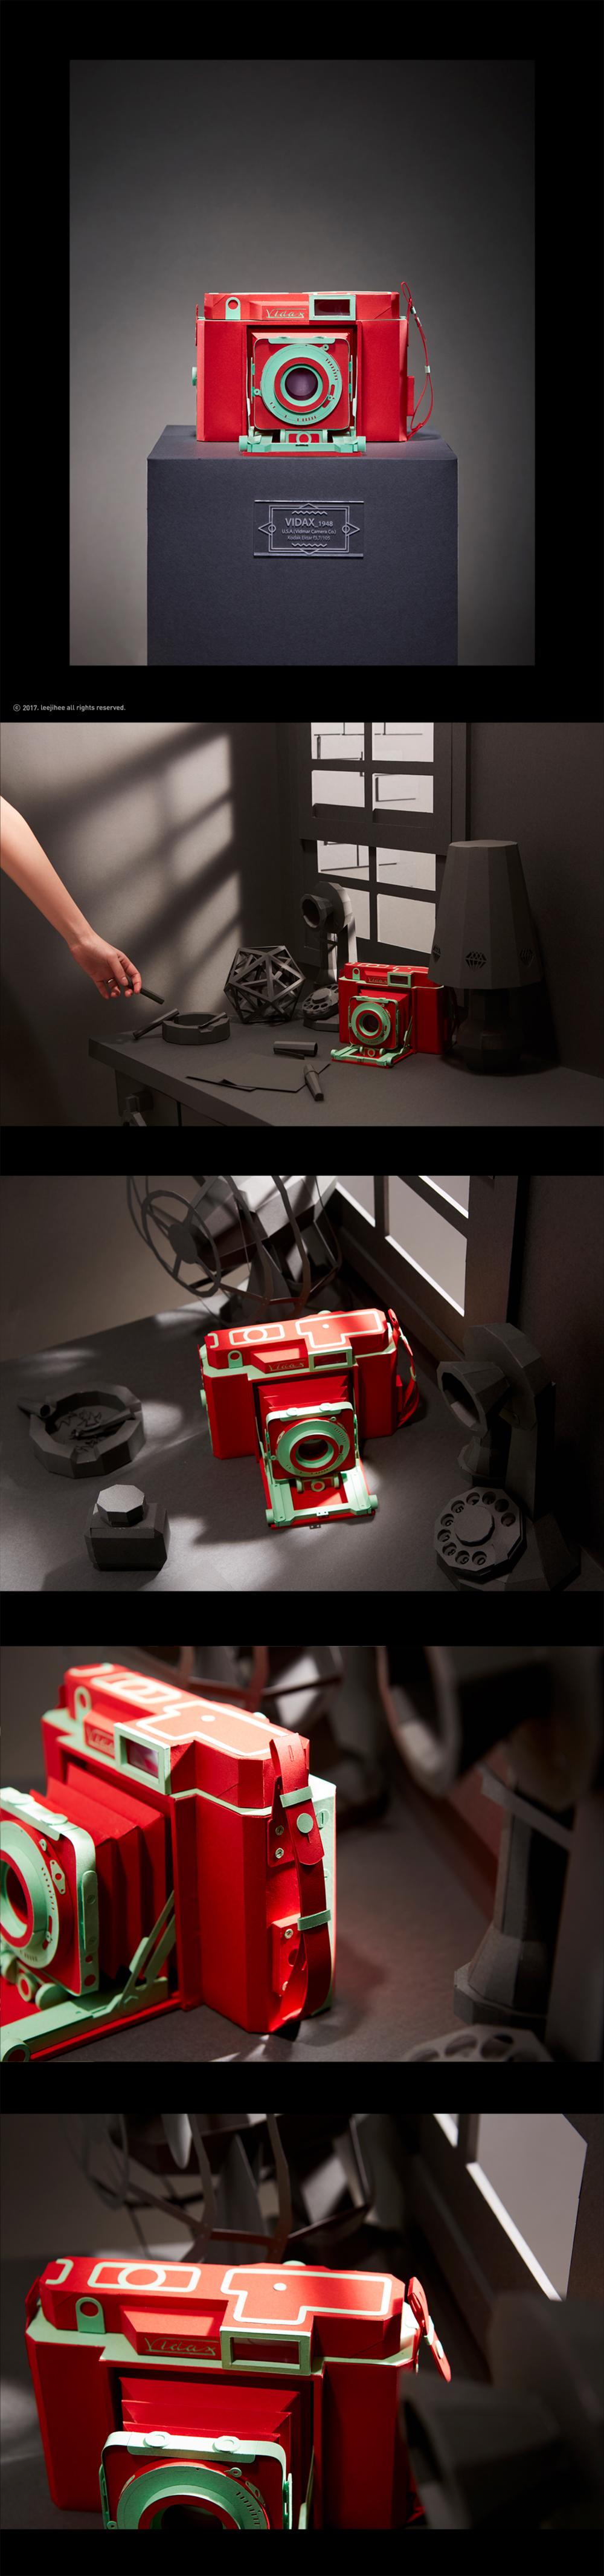 Crea.Tips - Art - Sculpture - Paper Work - Lee Ji-Hee